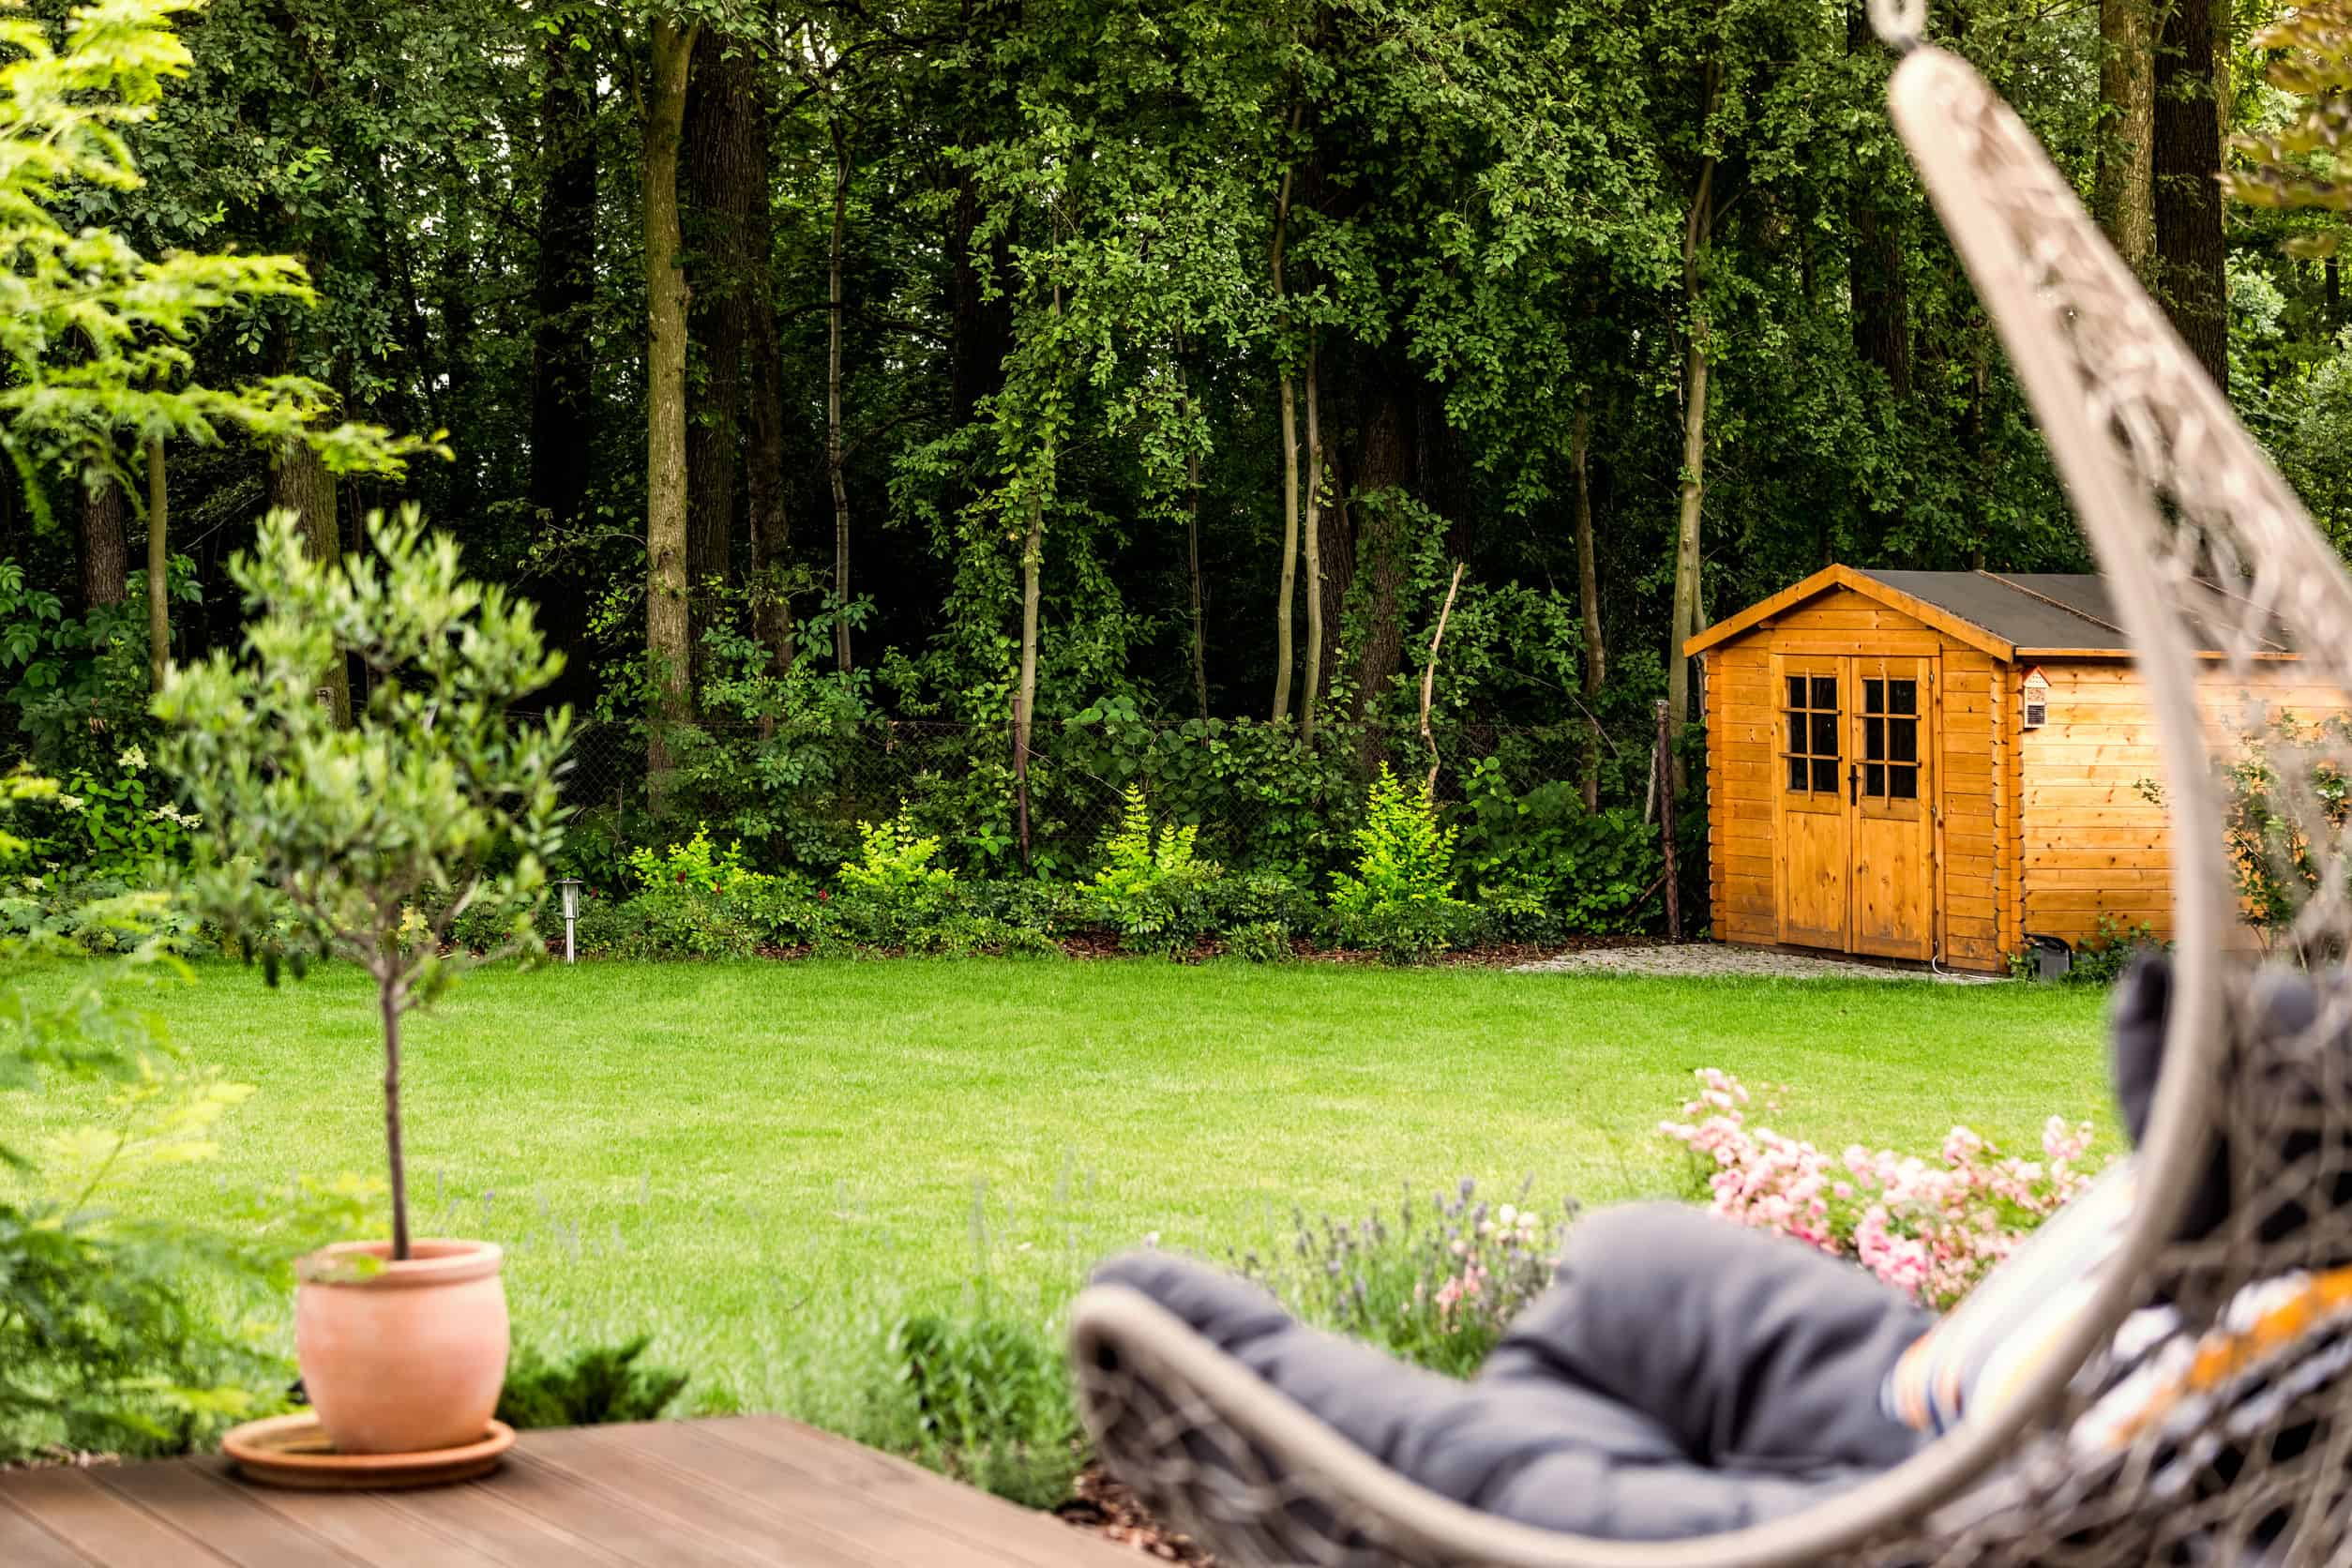 Keter Gartenhaus: Test & Empfehlungen (08/20)